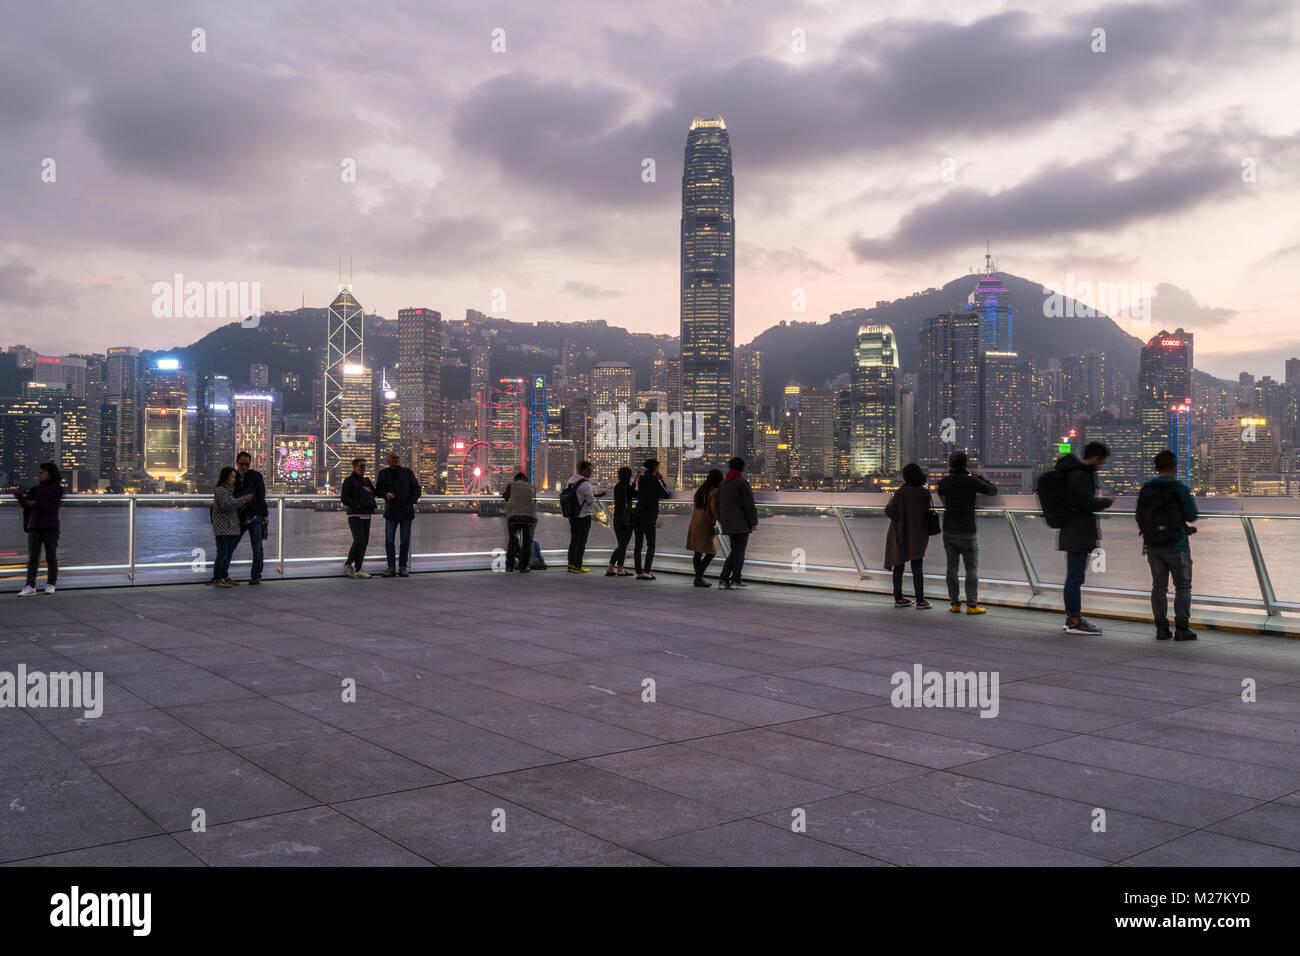 Hong Kong - 25 Gennaio 2018: Persone tenendo picutre e godendo la vista dalla cima dell'Oceano cruise terminal Immagini Stock